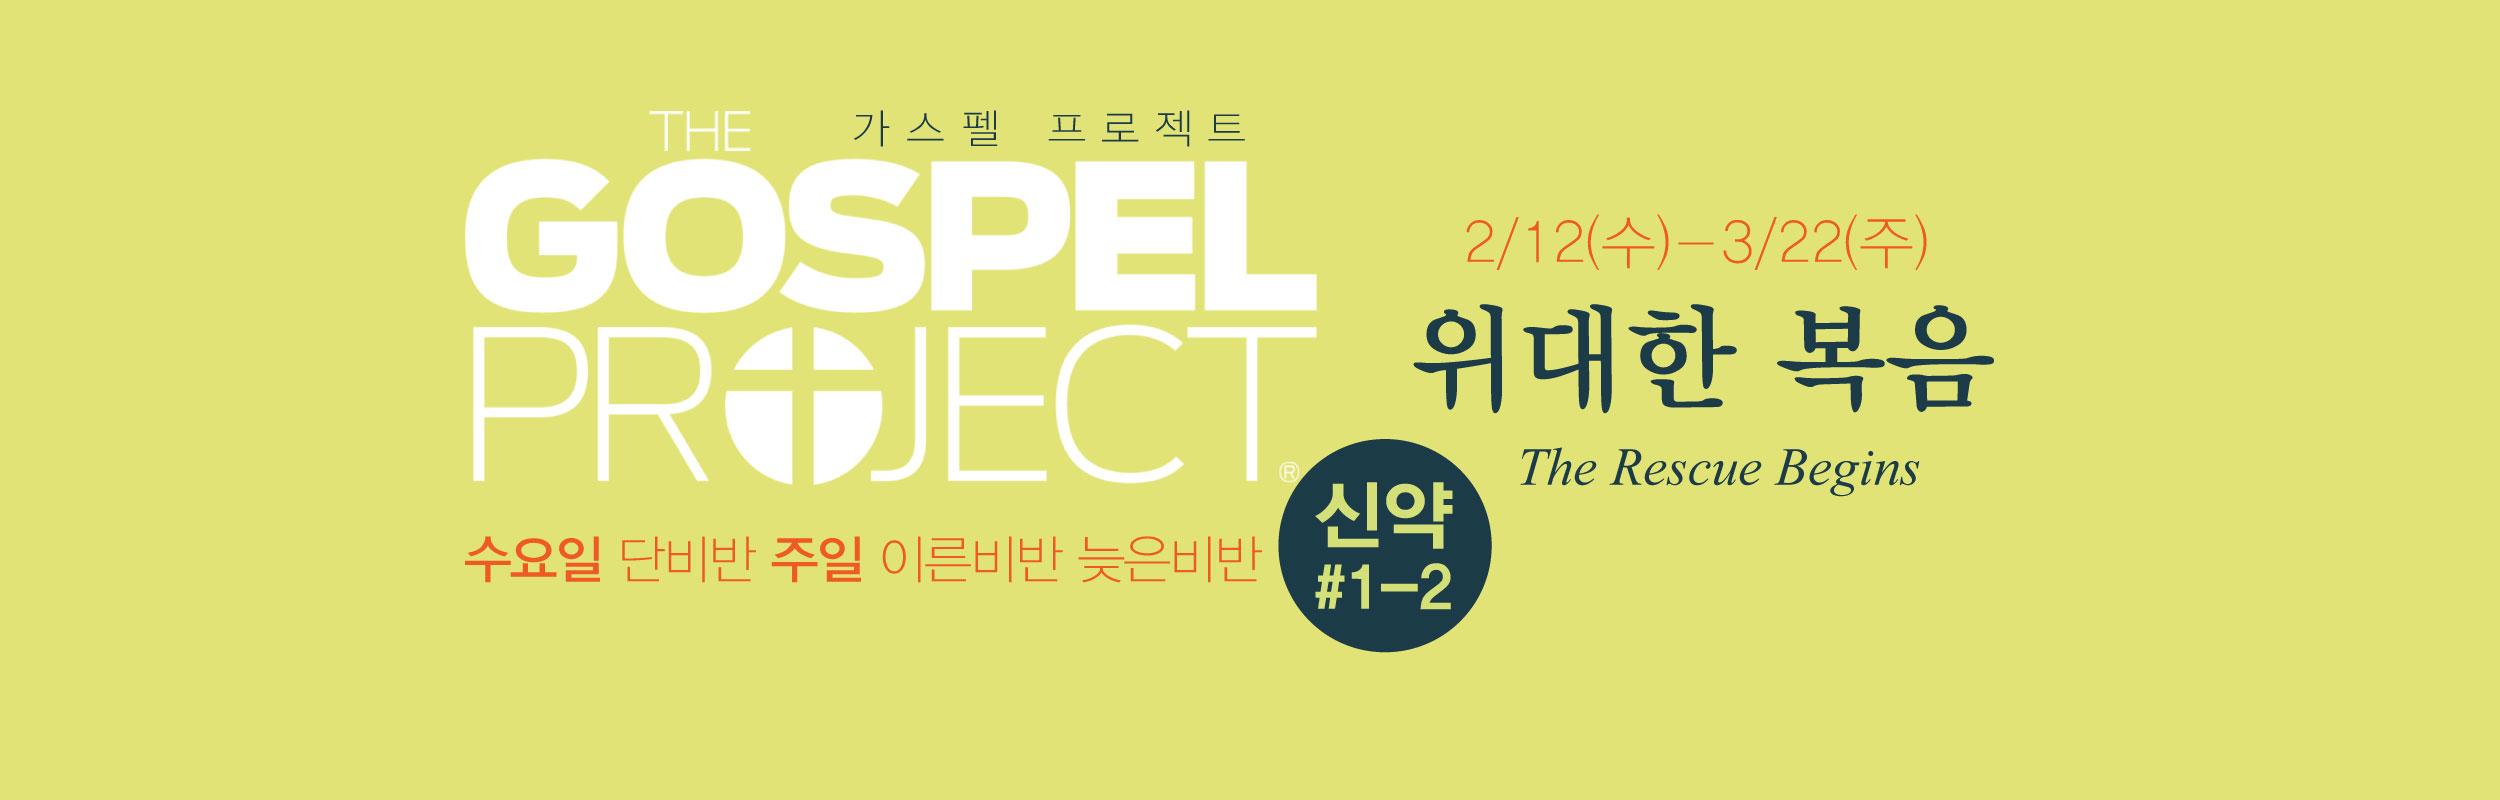 가스펠 프로젝트 #신약 1-2